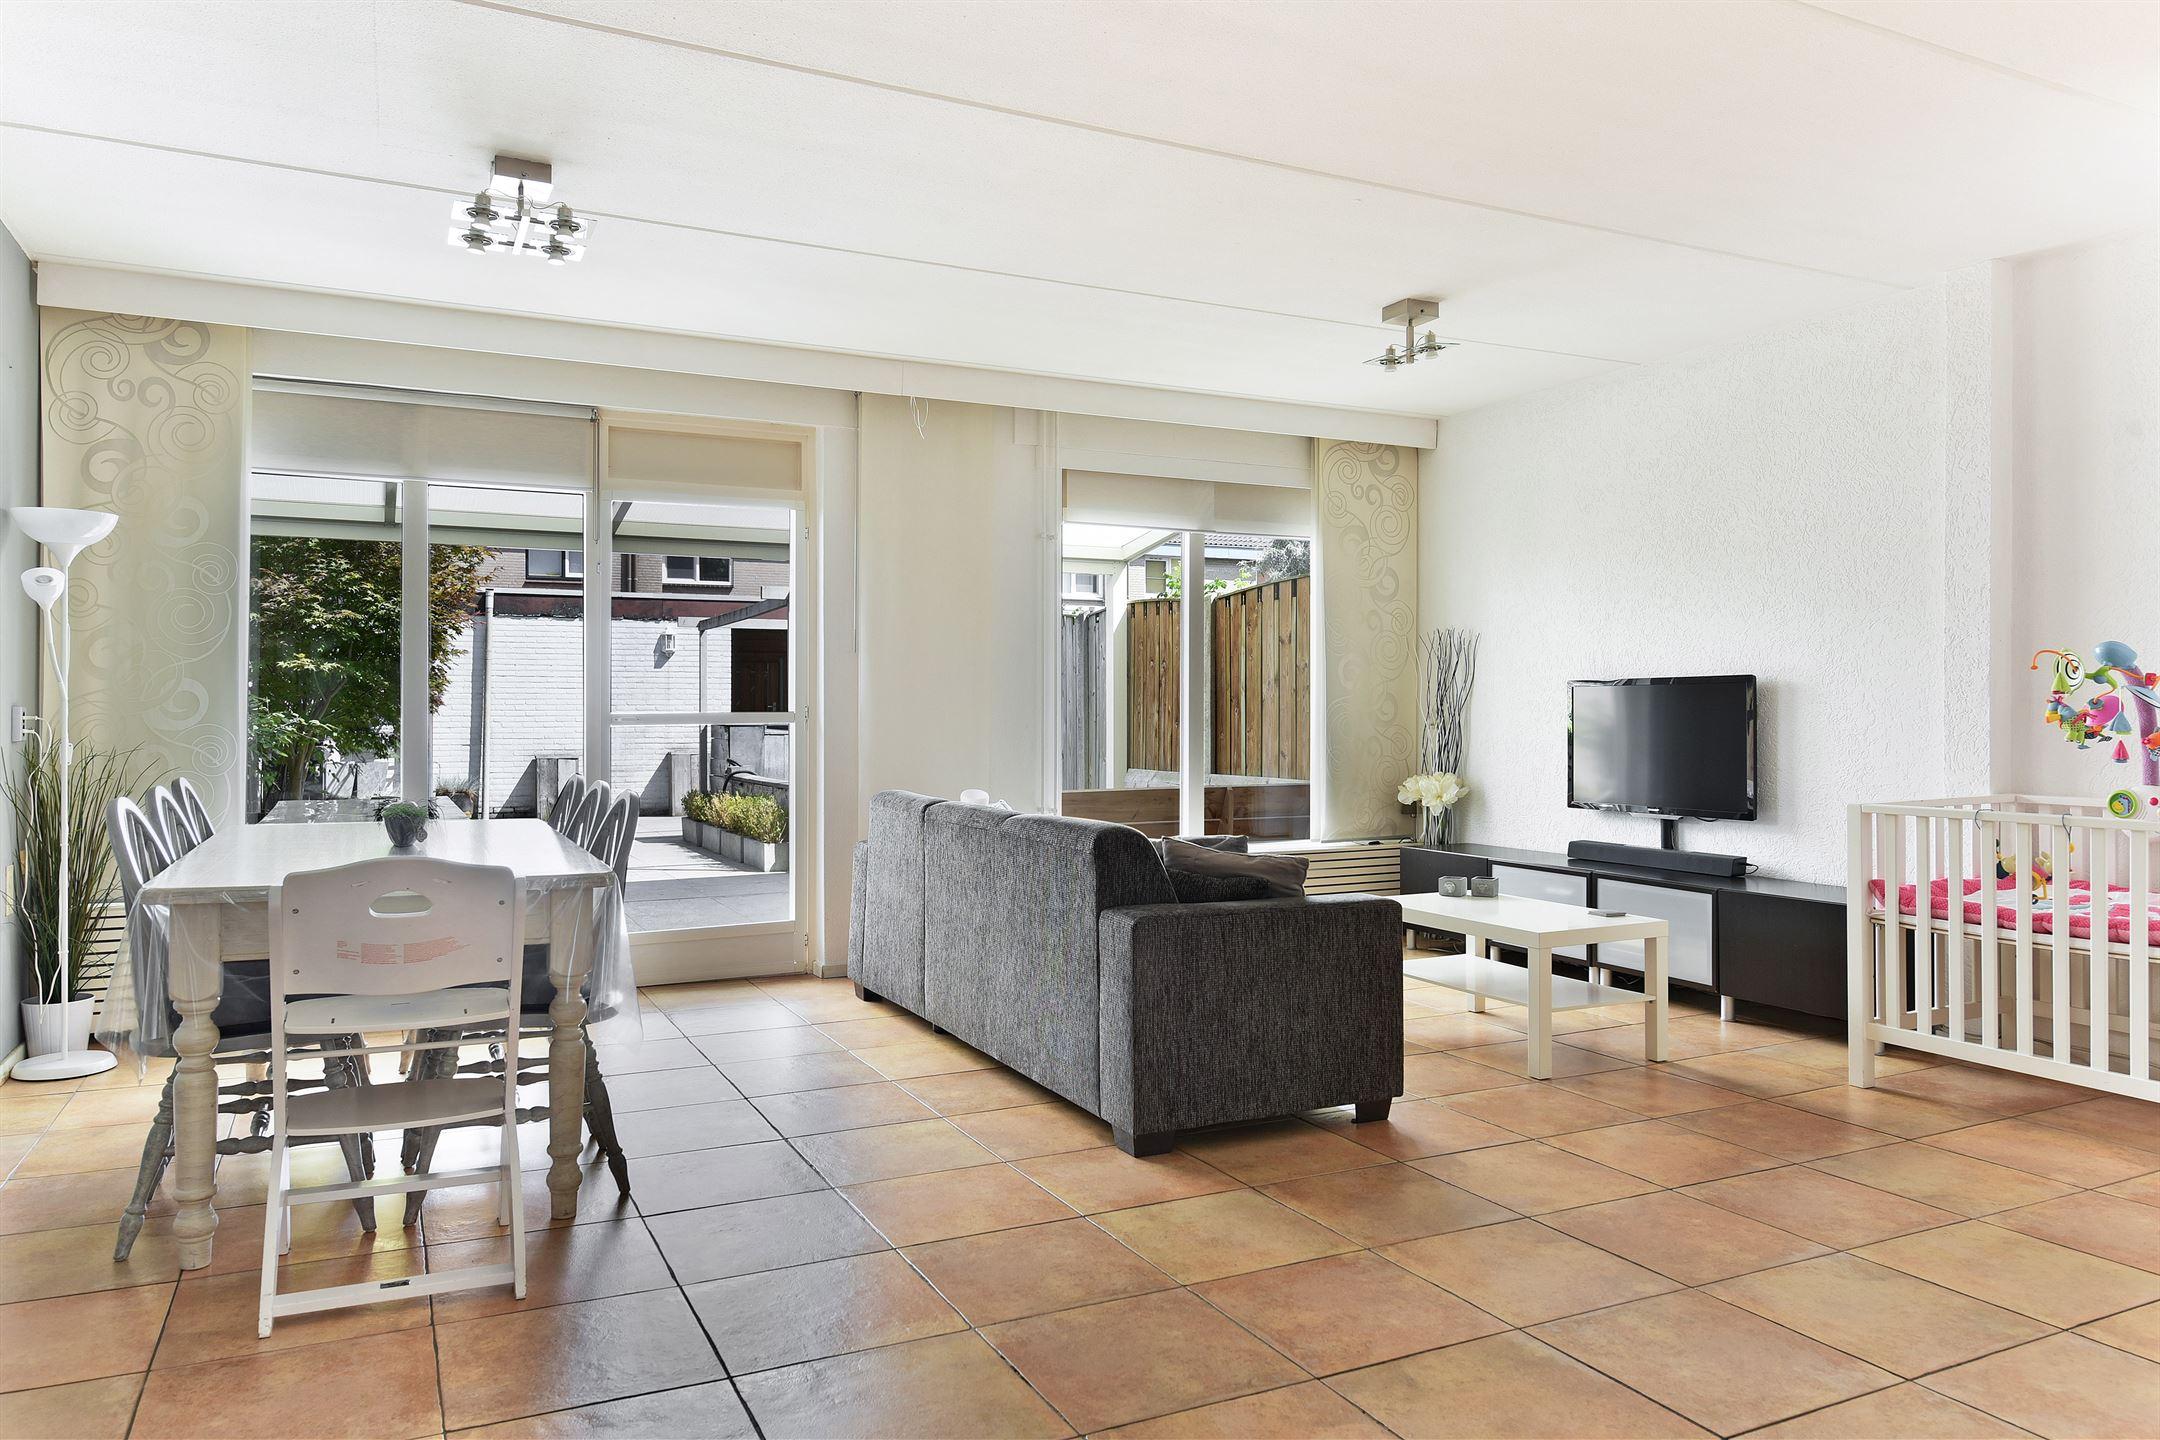 Vloertegels Woonkamer Eindhoven : Huis te koop: generaal linckerslaan 6 5623 jv eindhoven [funda]